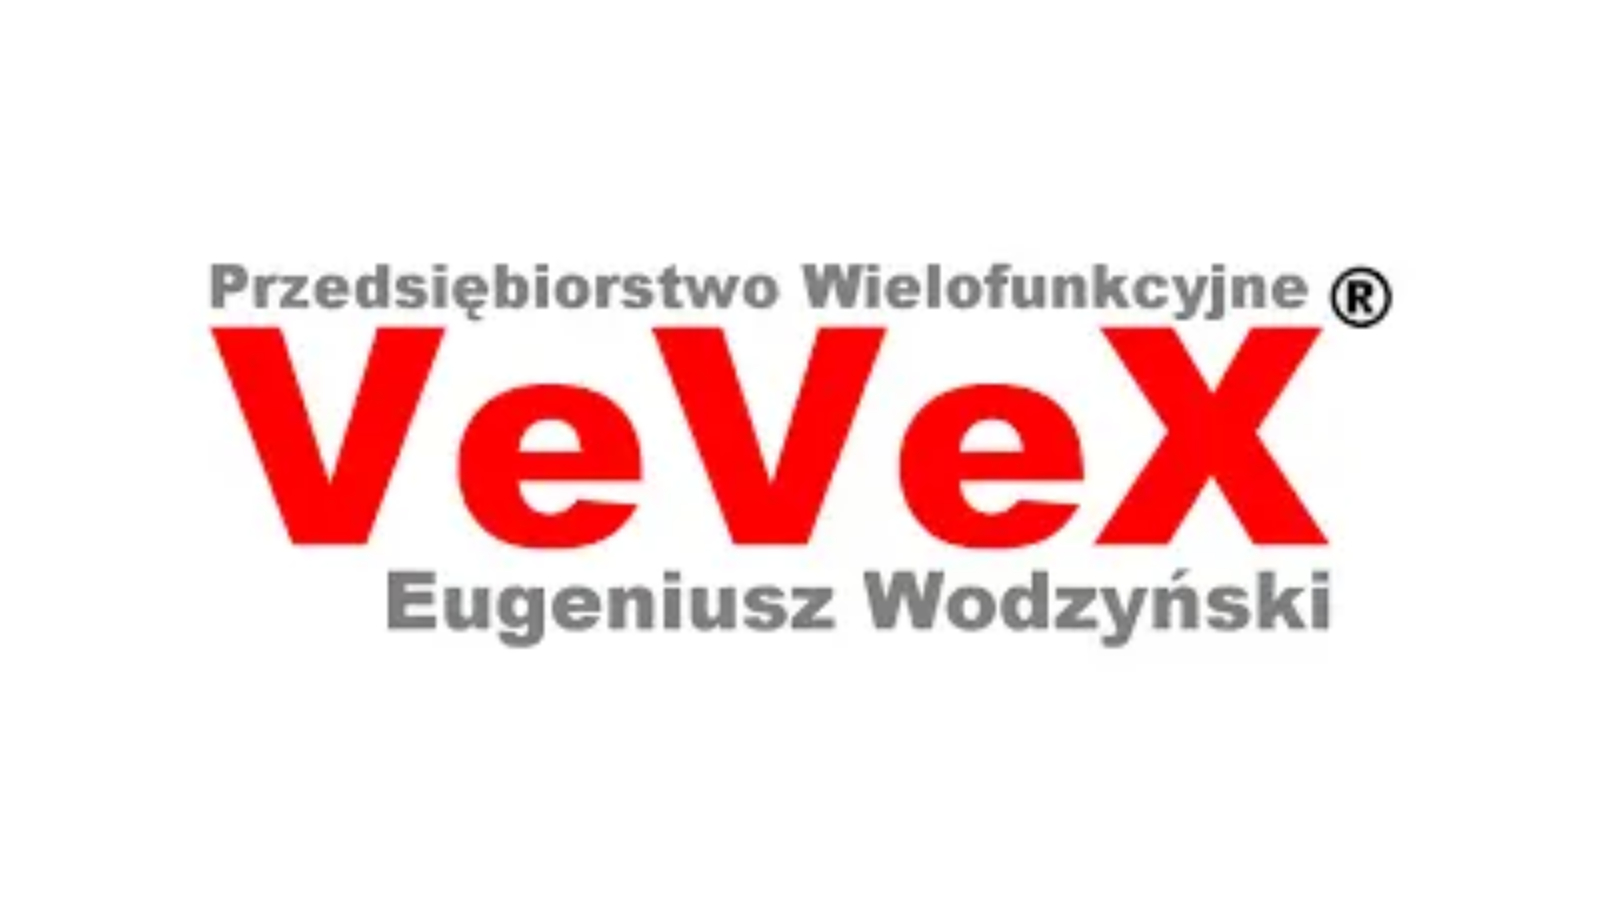 Vevex_logo